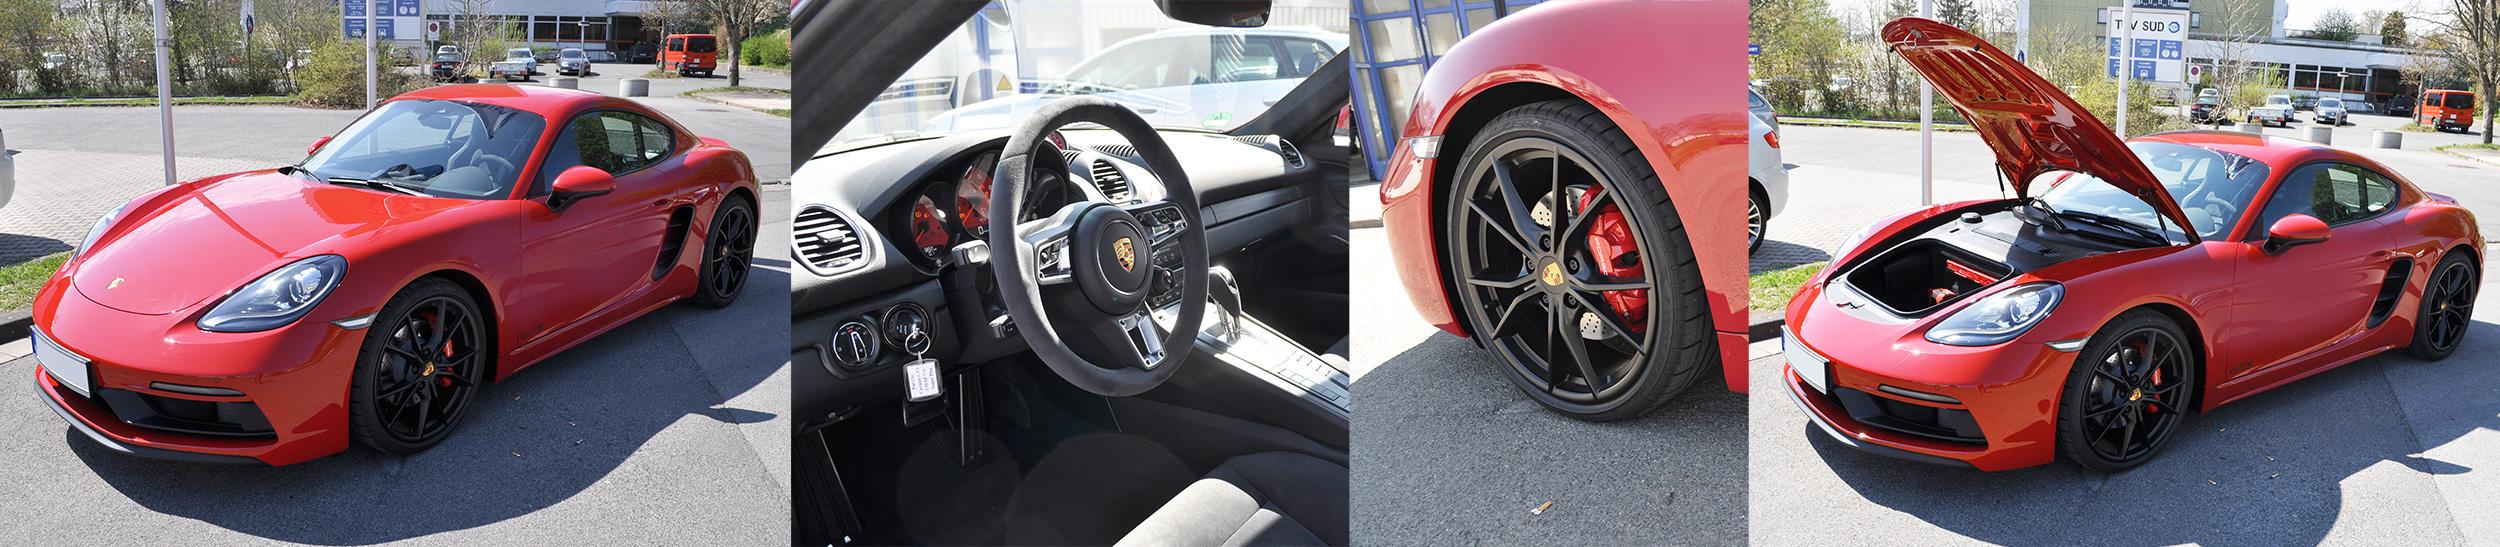 Porsche Cayman GTS Ausstattung